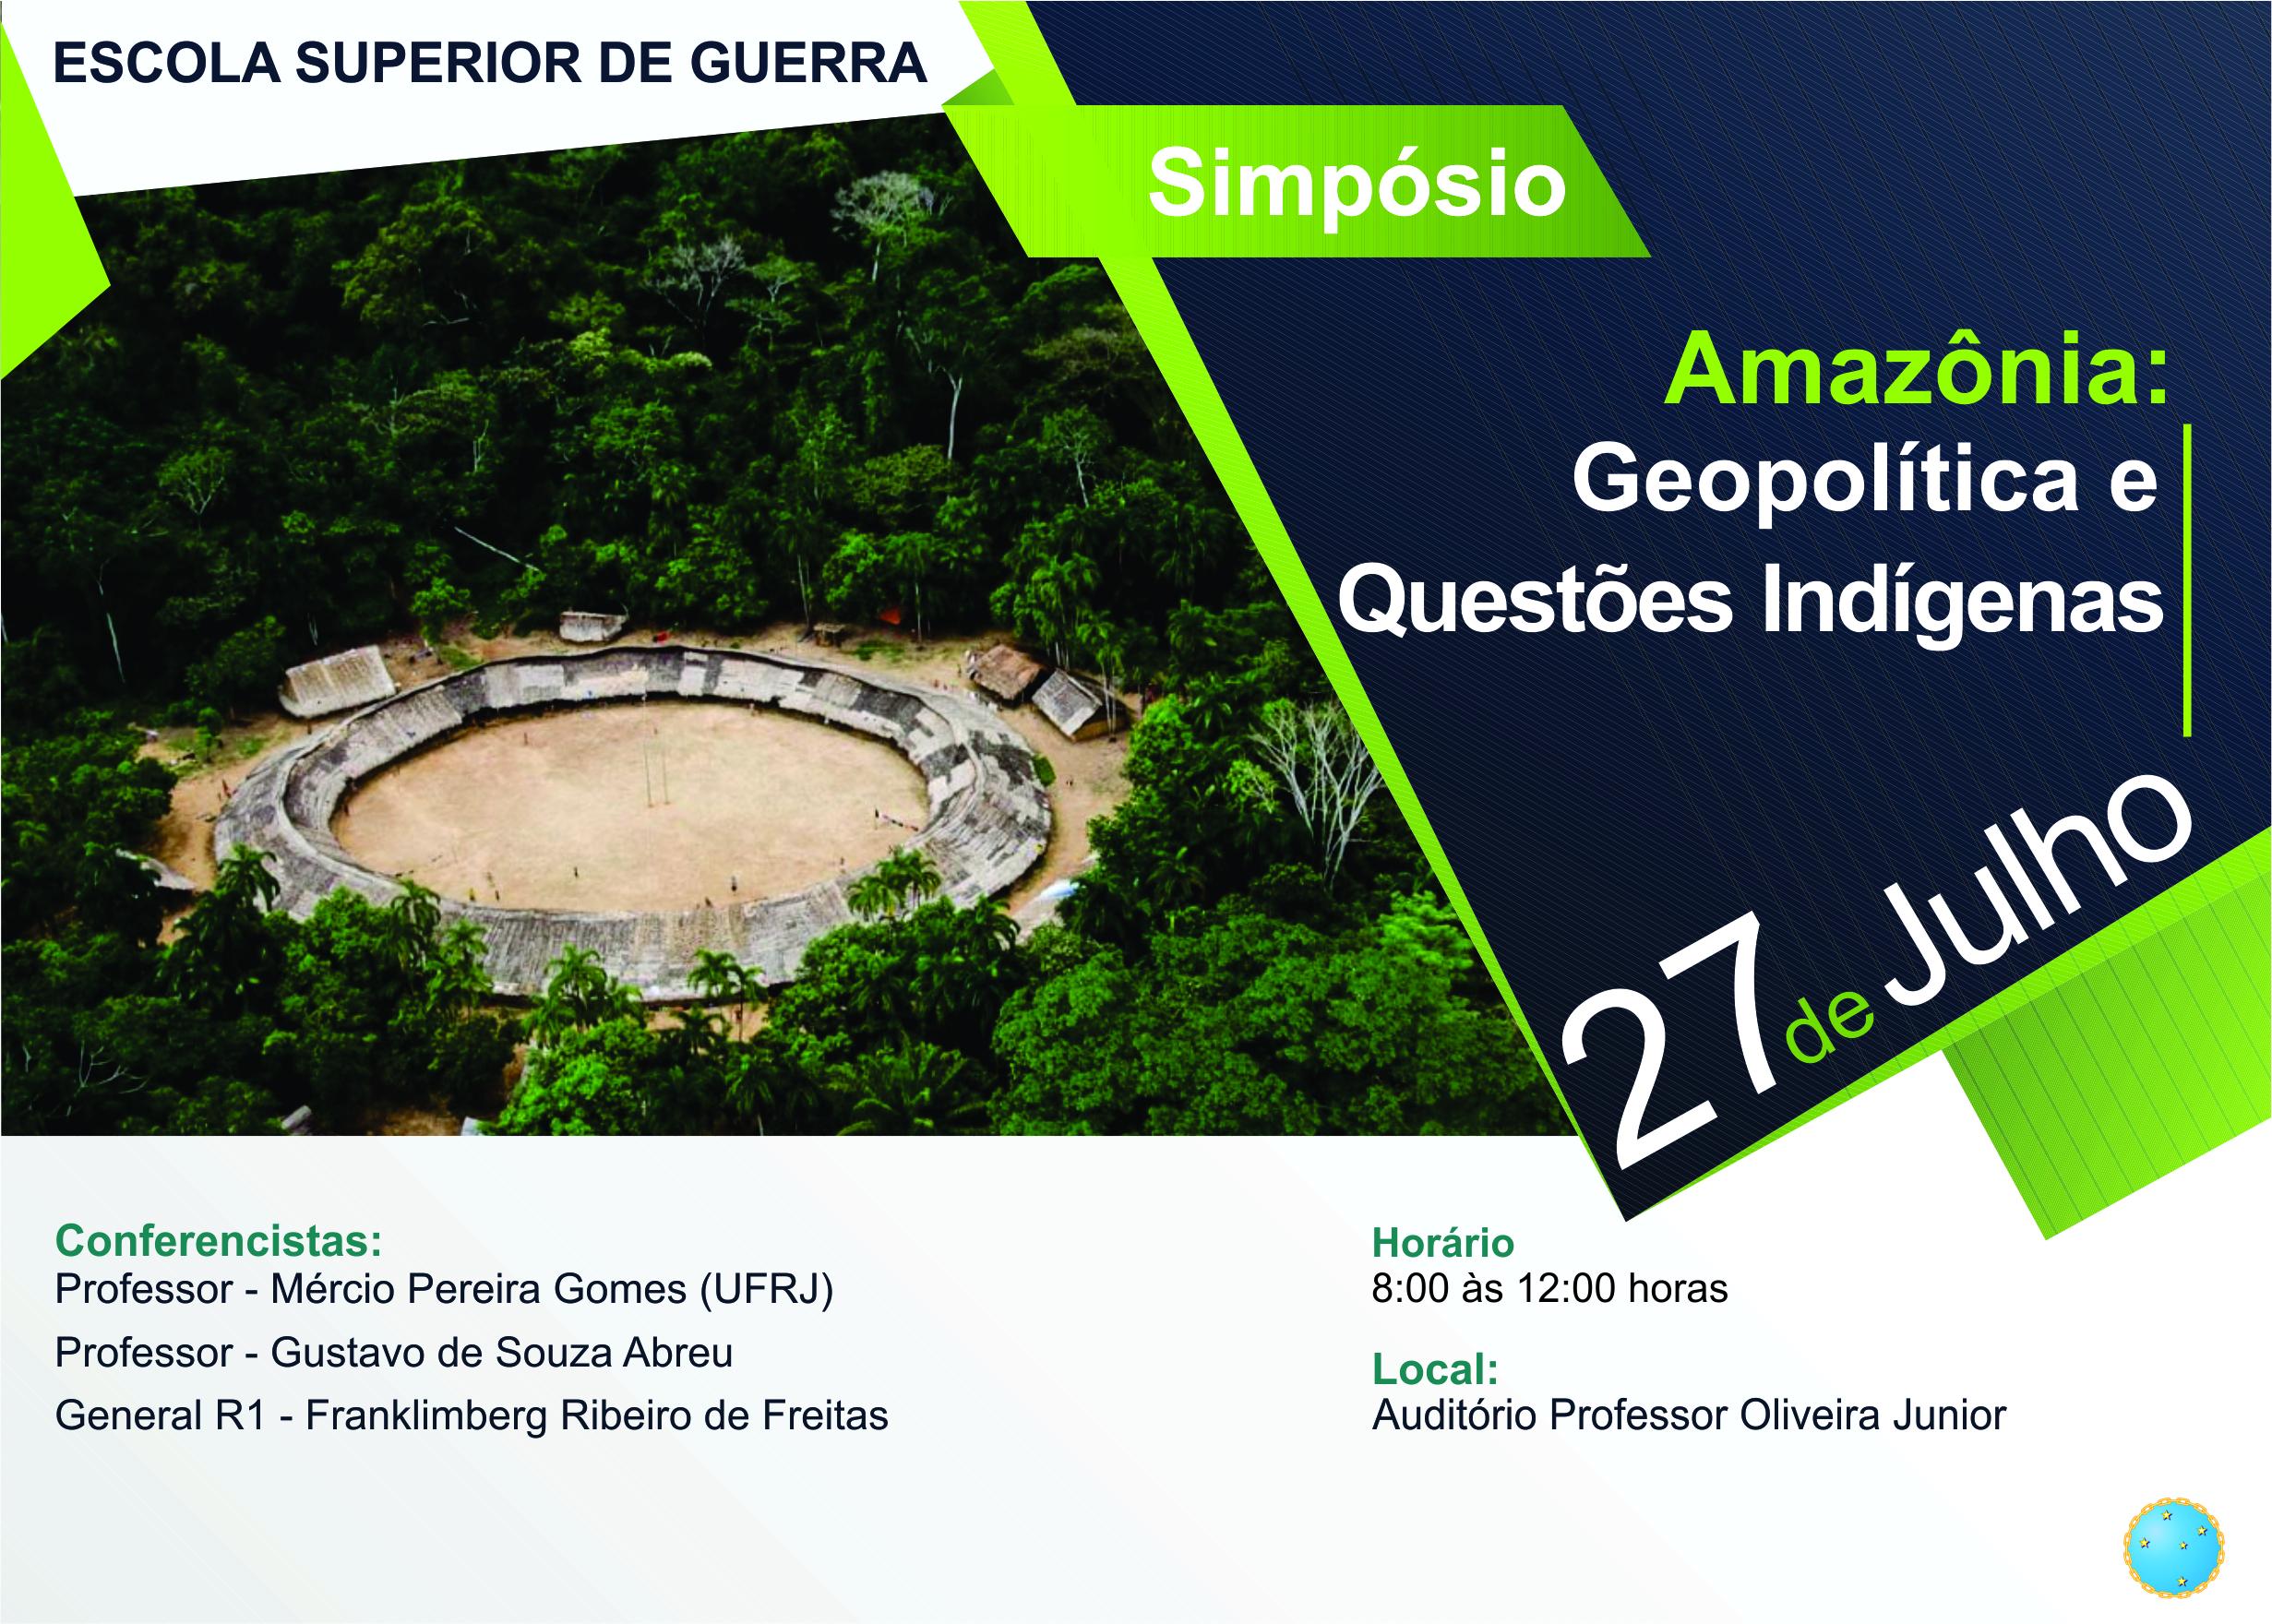 """Simpósio Sobre: """"Amazônia: Geopolítica e Questões Indígenas"""""""